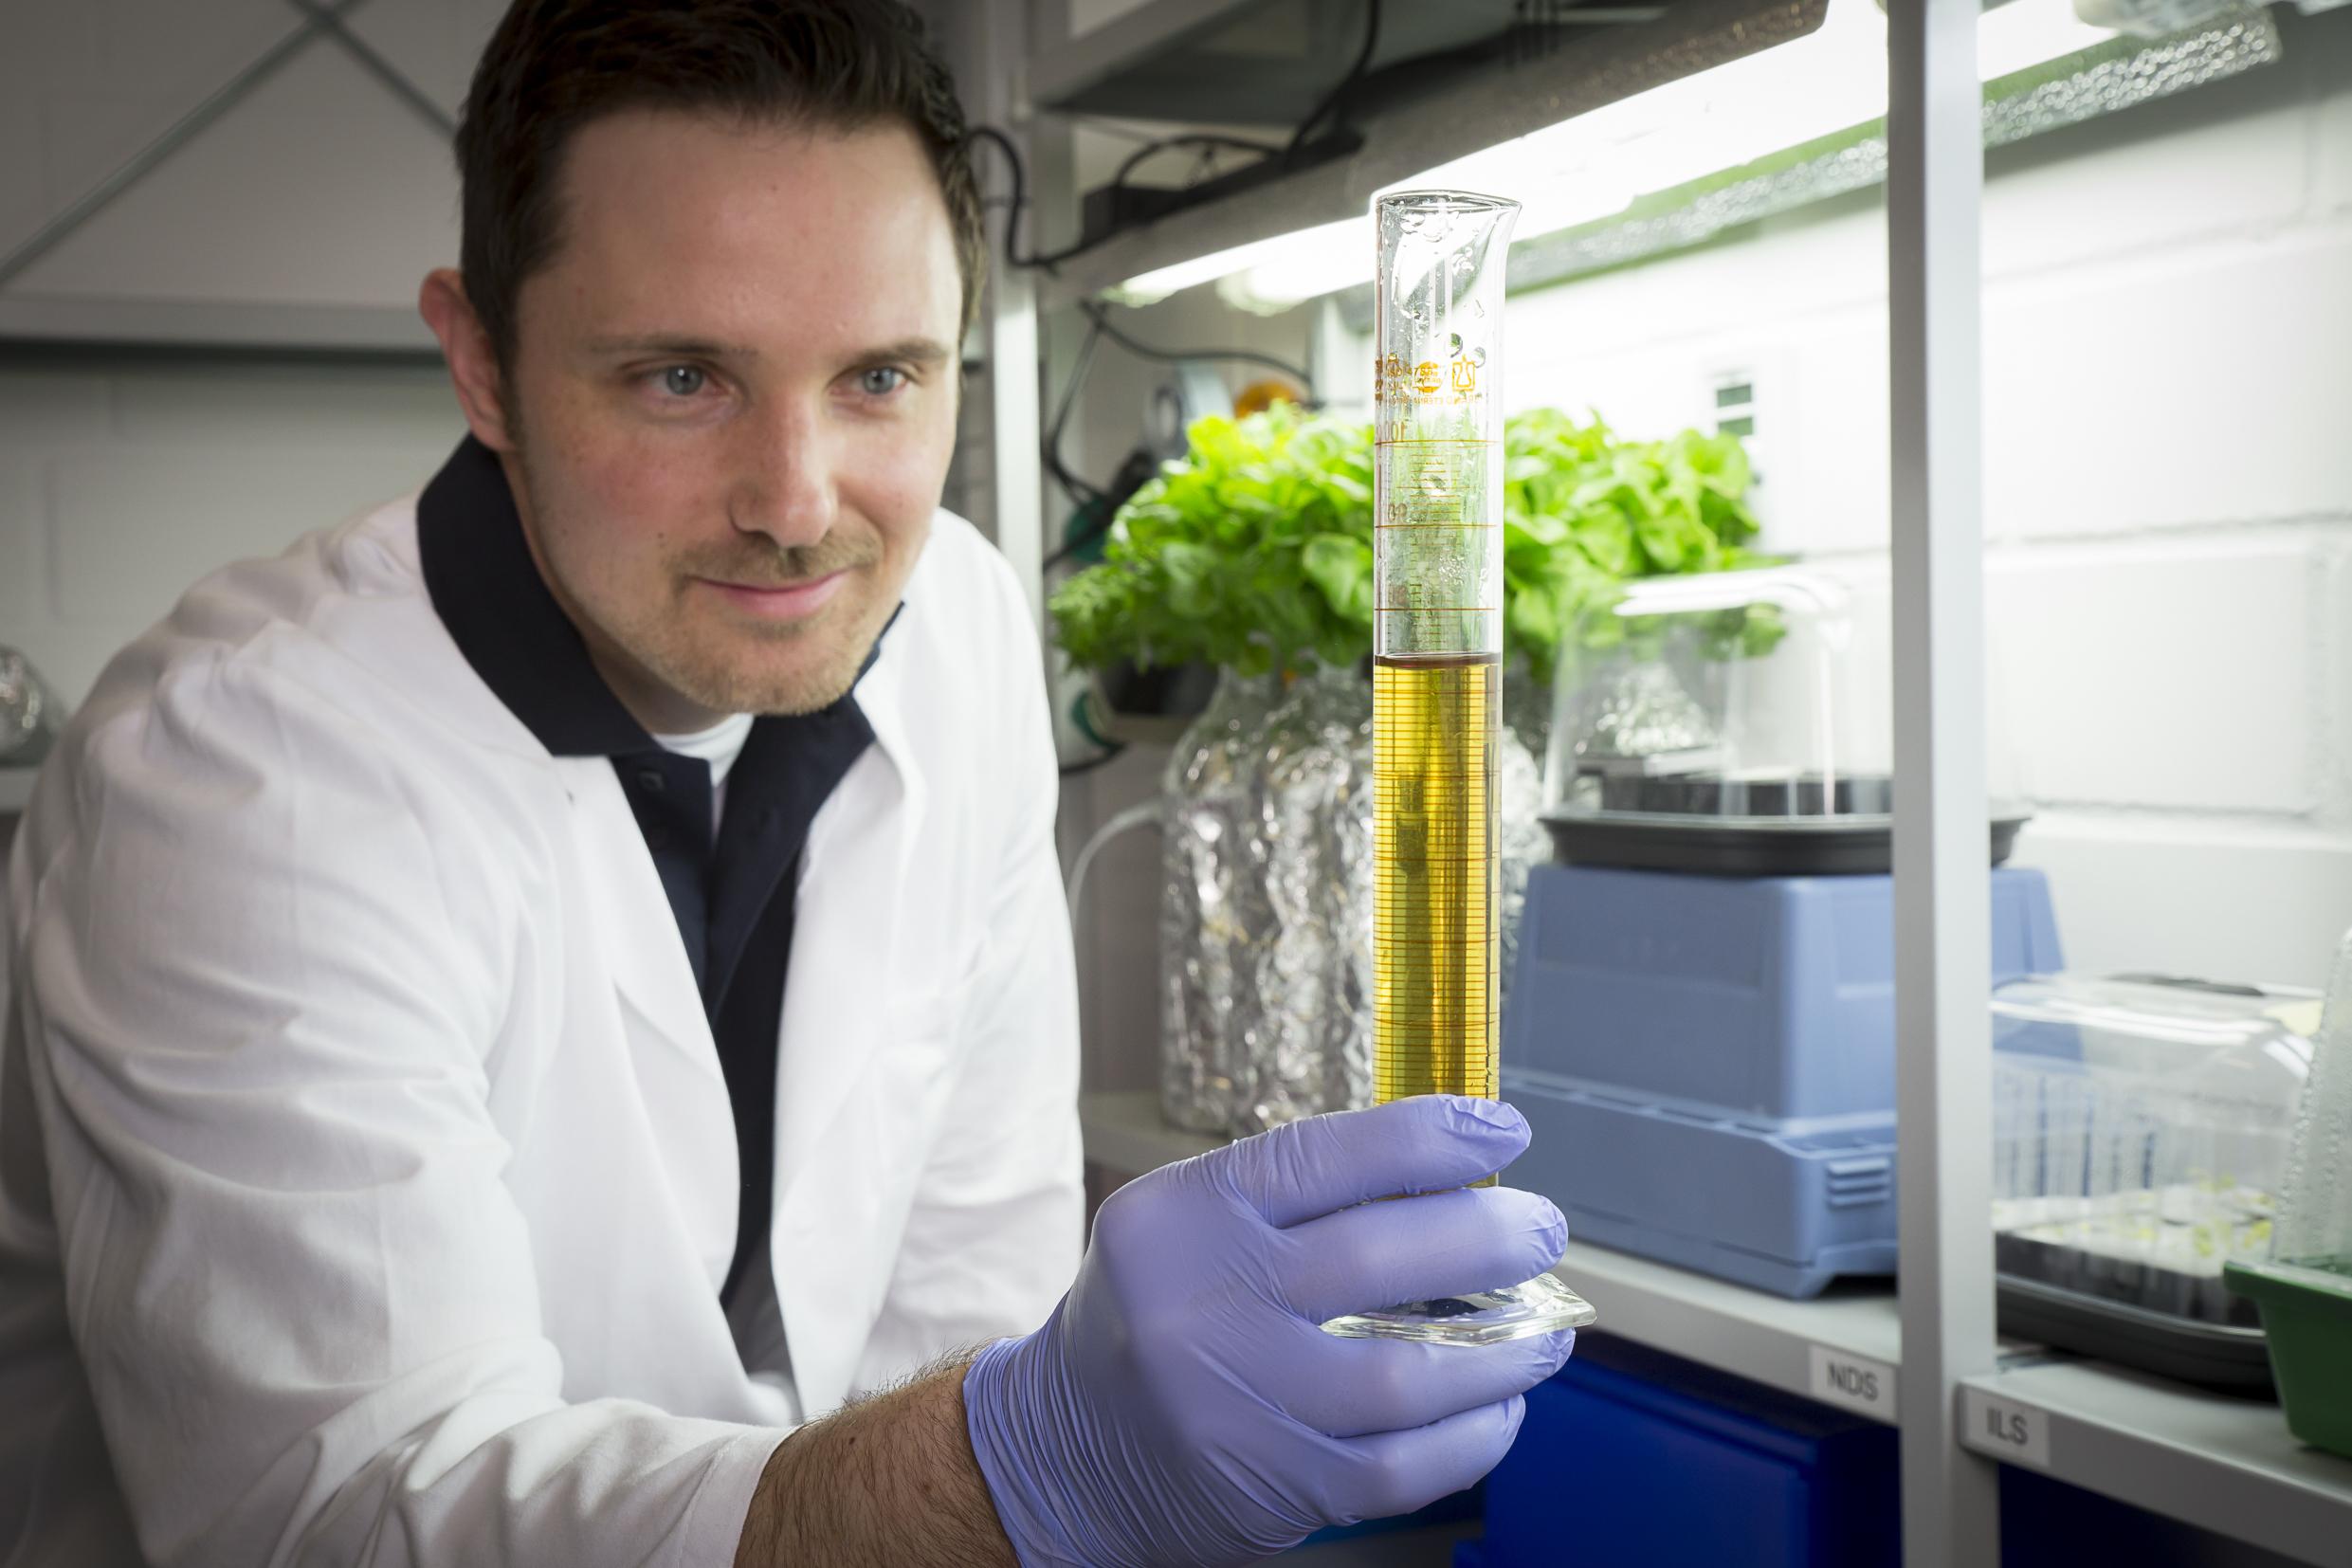 Matt mixing nutrients